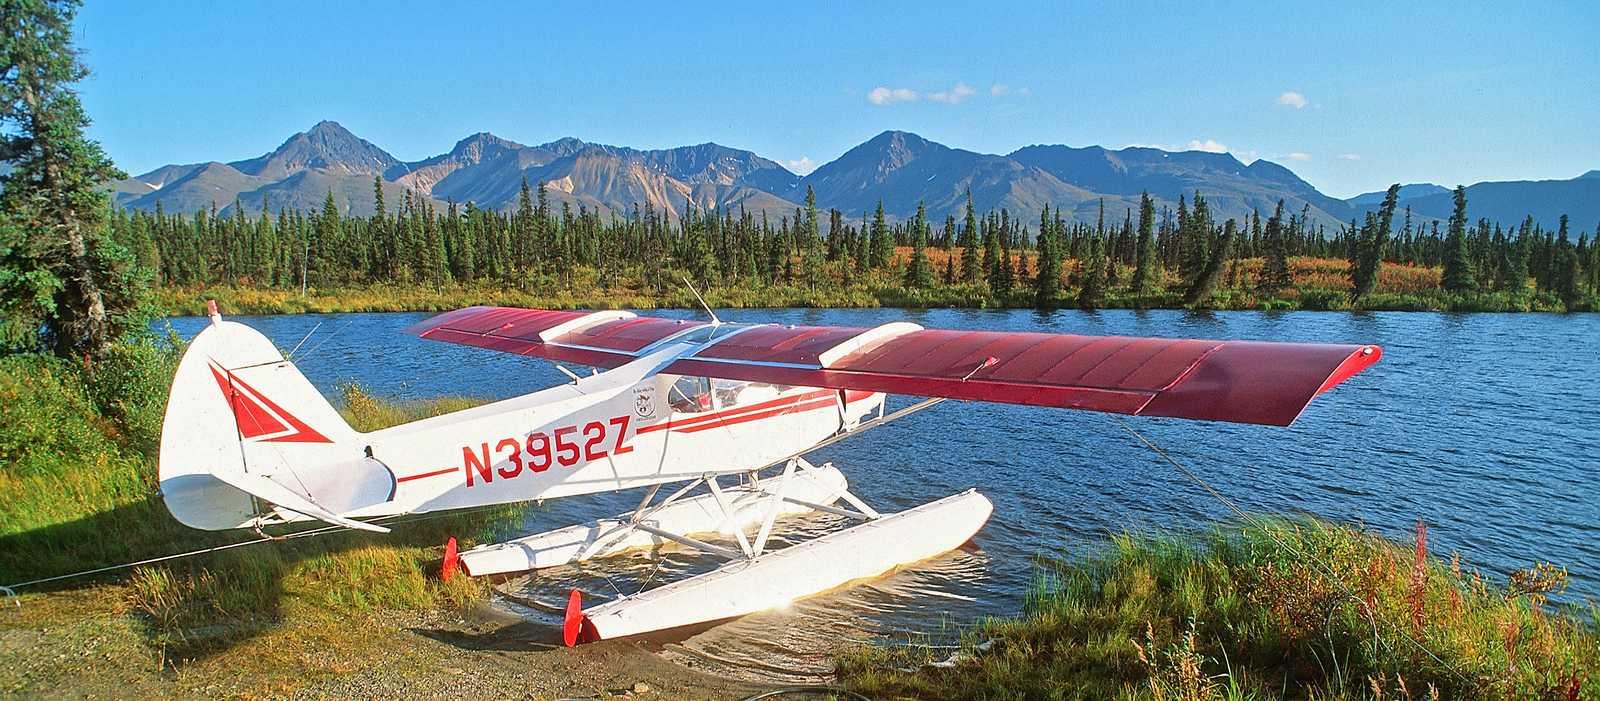 Wasserflugzeug am Ufer